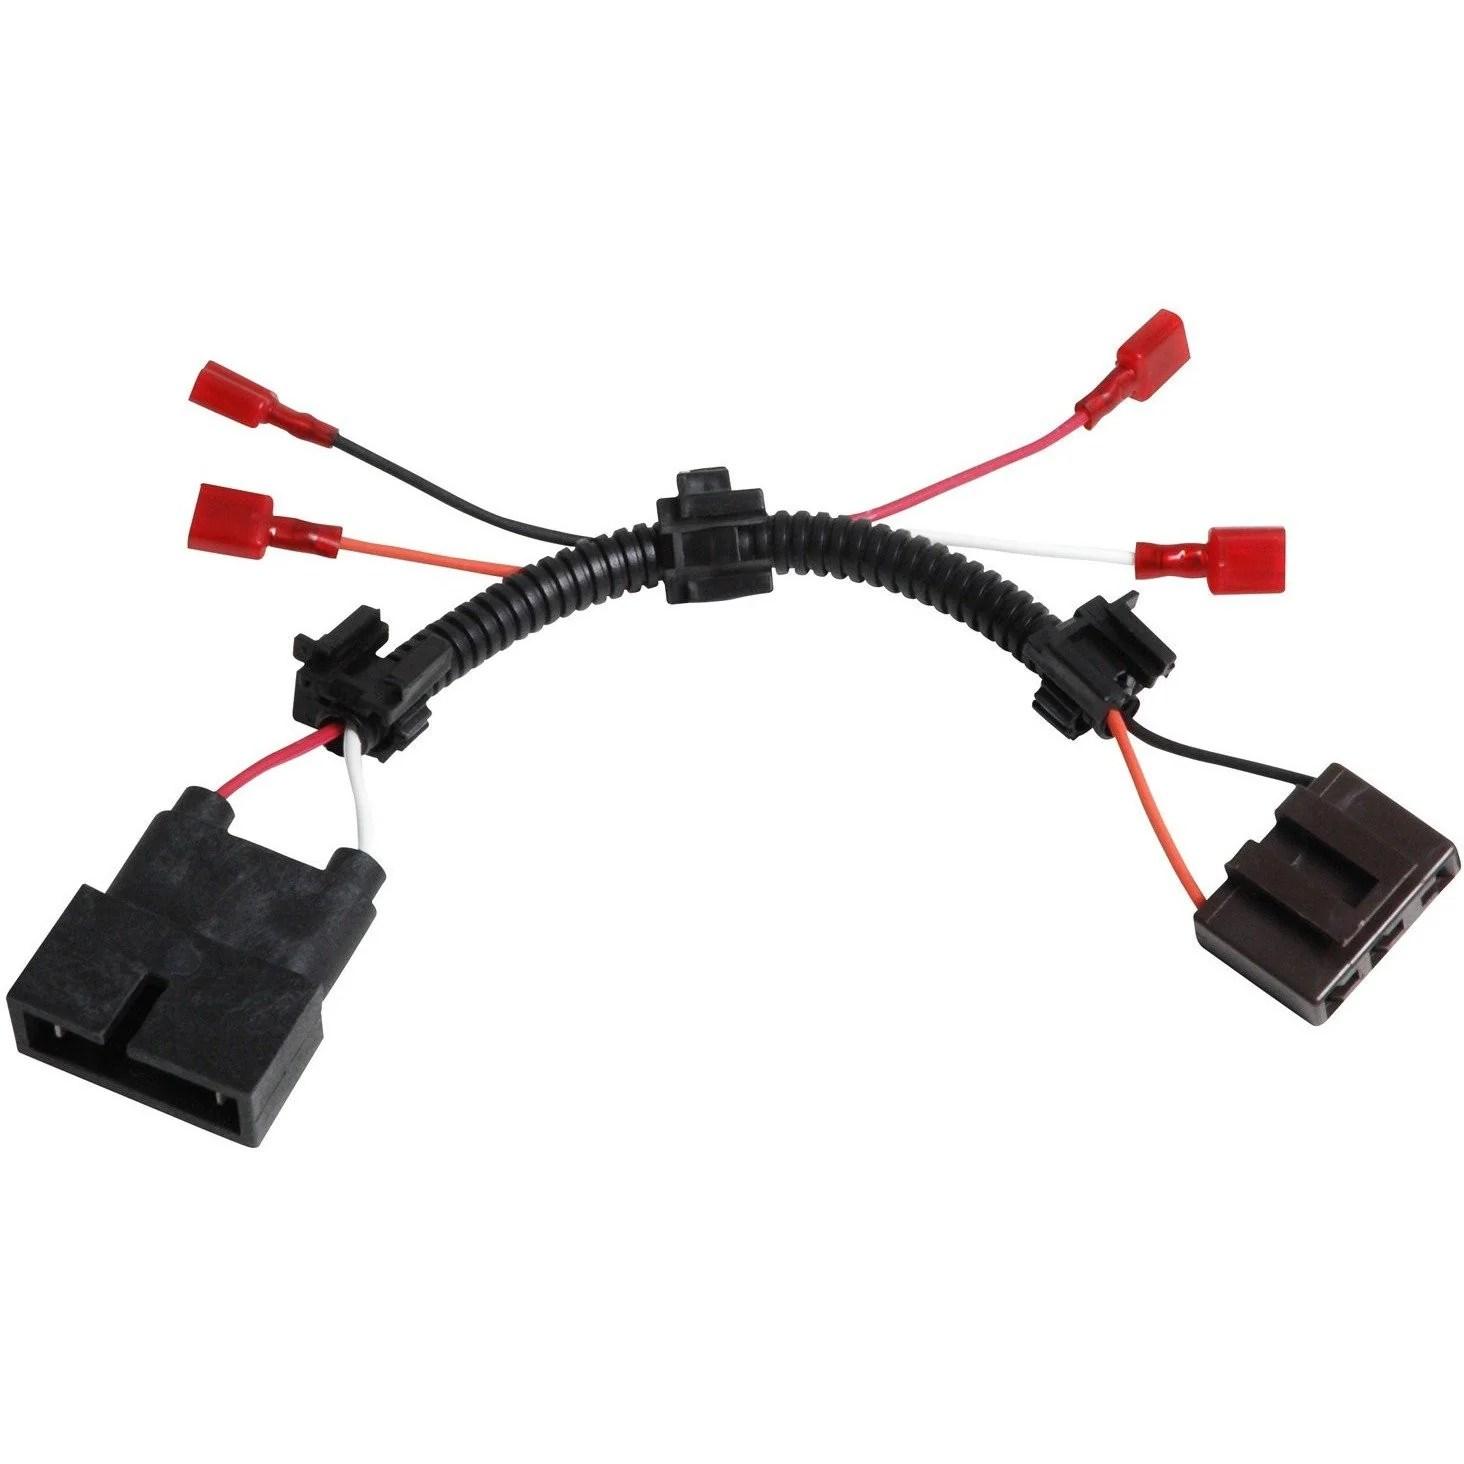 tfi harness for 6al steeda msd 6al harness [ 1464 x 1464 Pixel ]